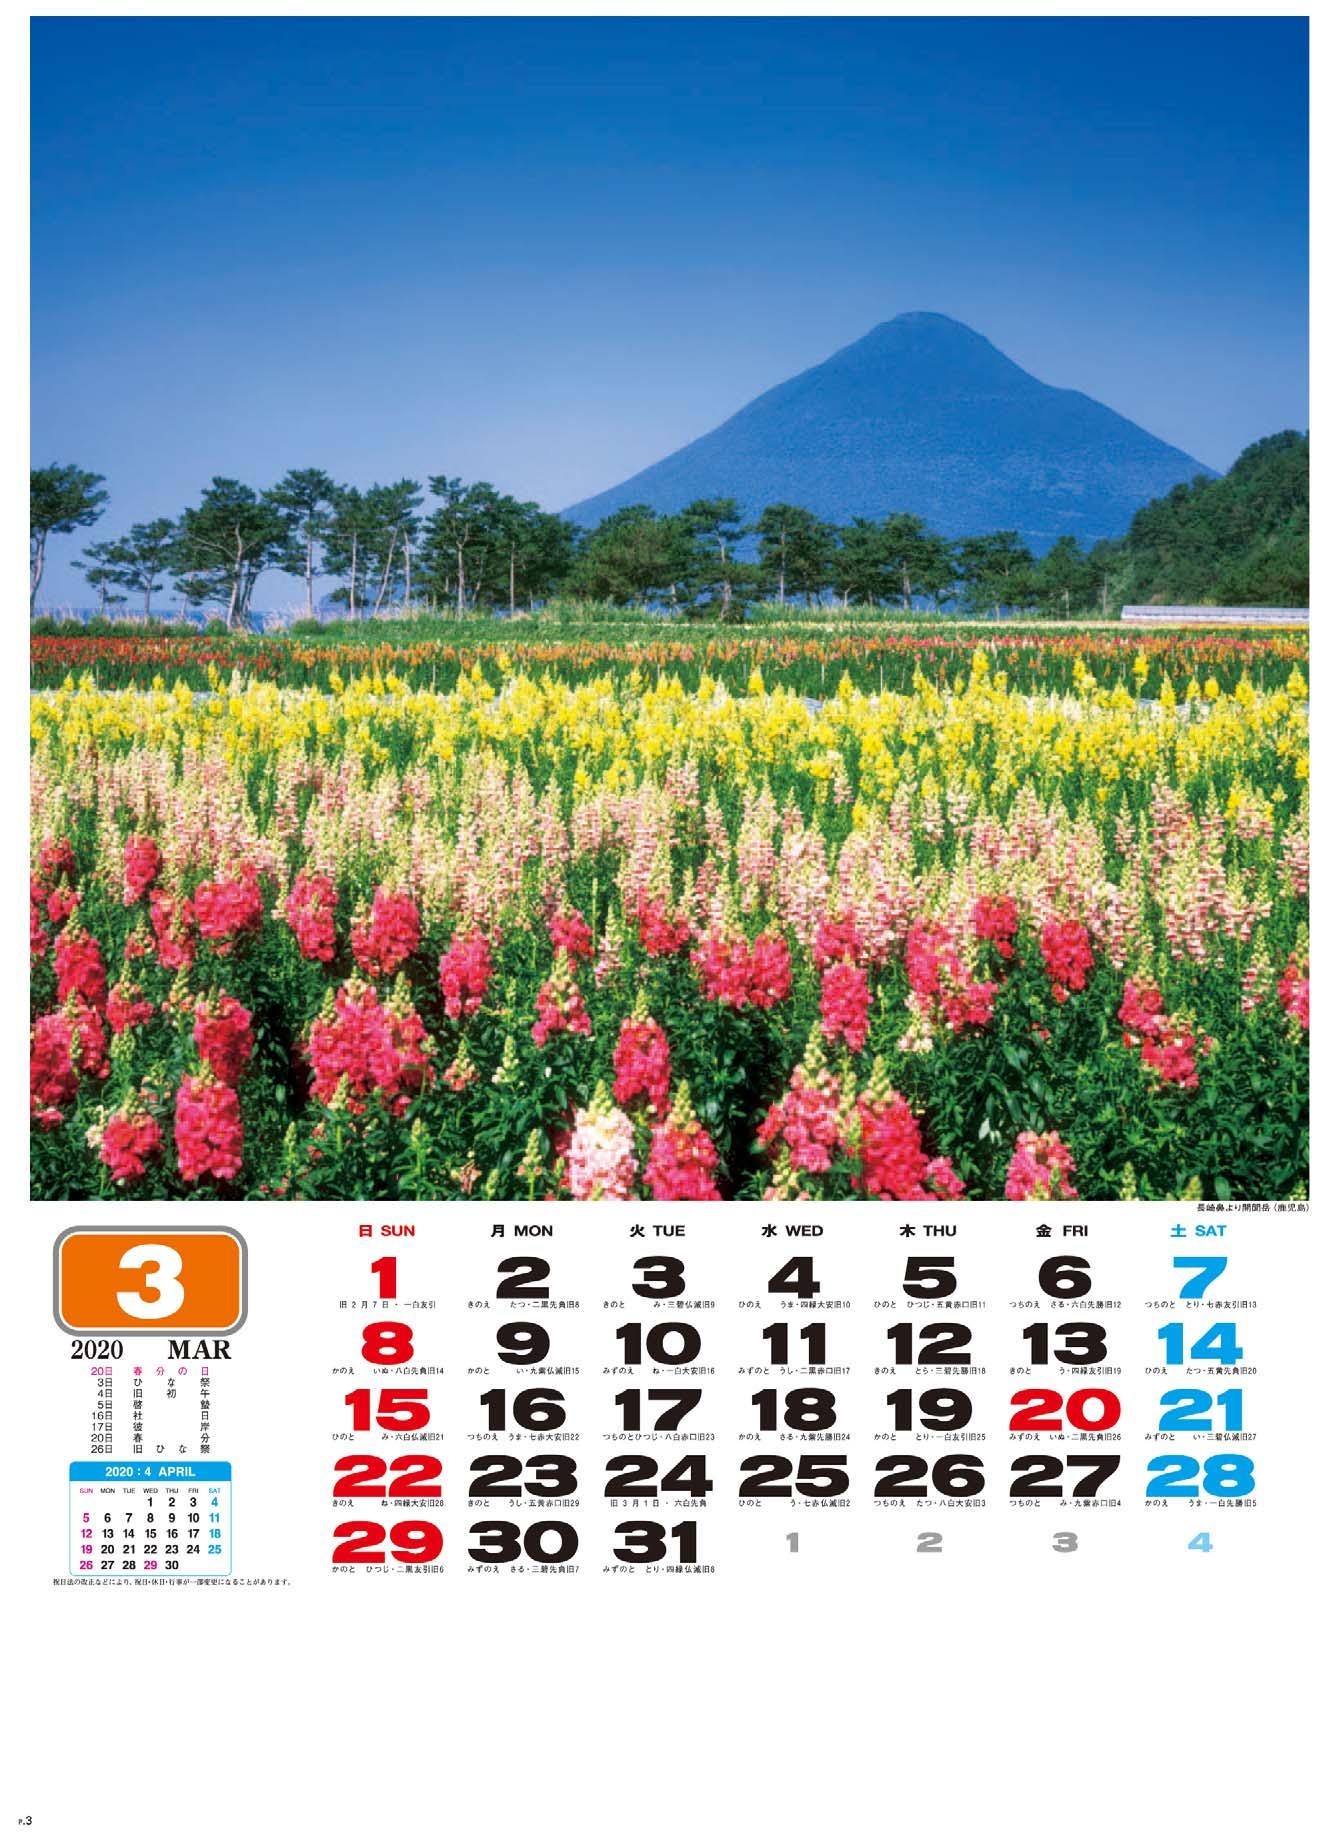 画像:長崎鼻より開聞岳 (鹿児島) 美しき日本 2020年カレンダー